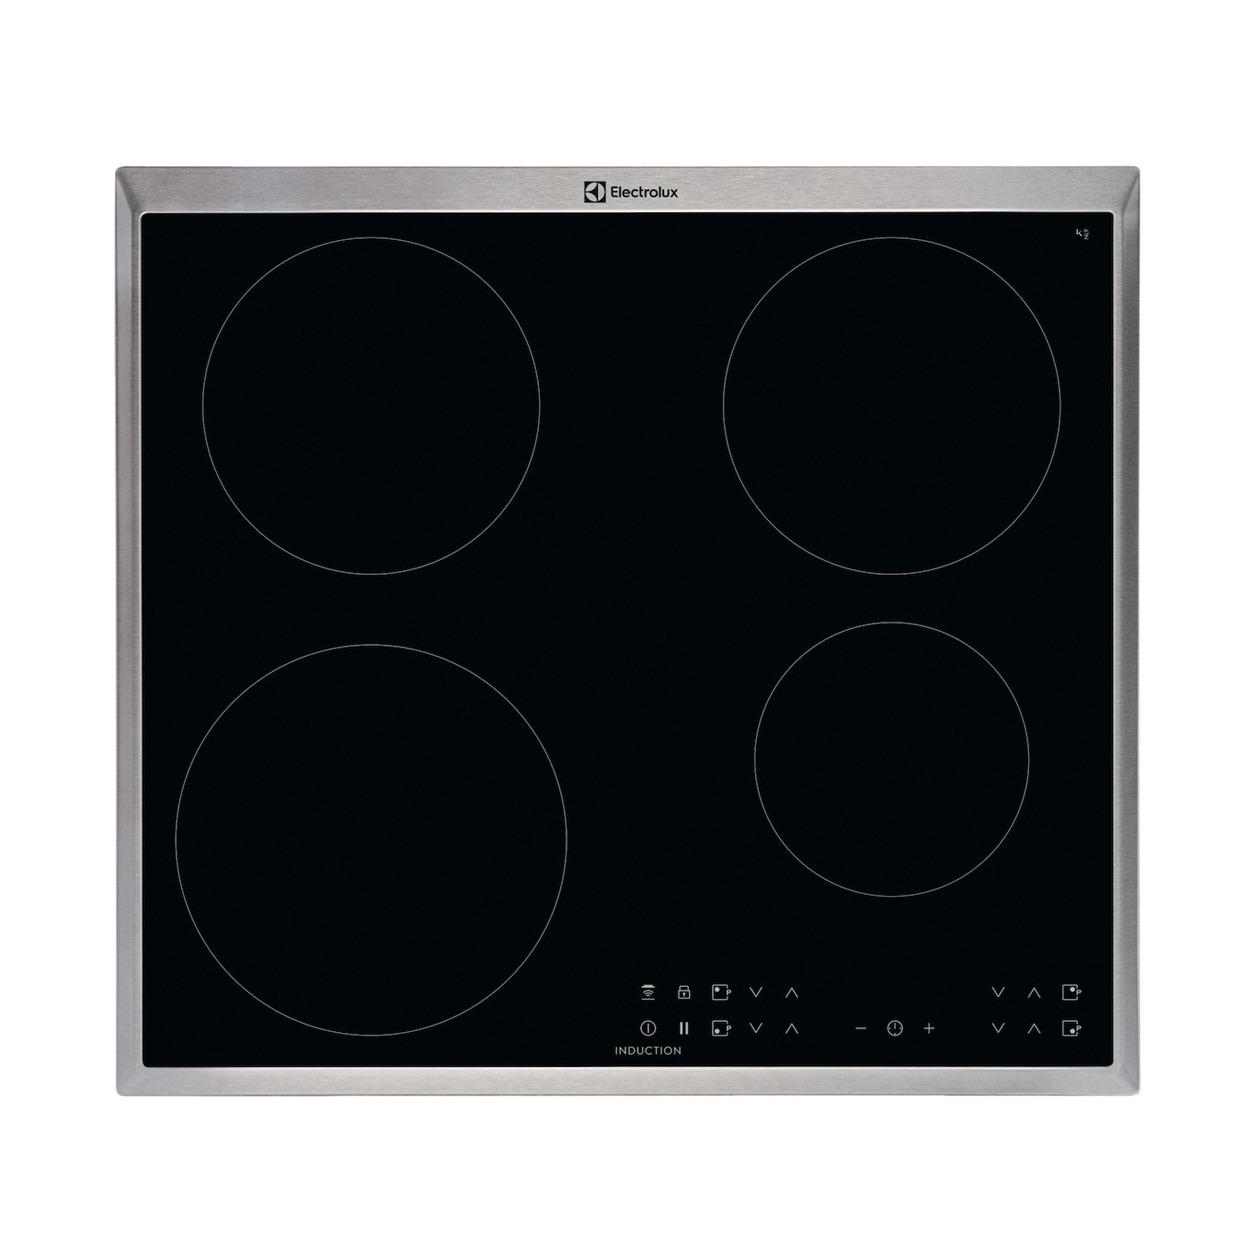 Electrolux LIT60430X inductie inbouwkookplaat